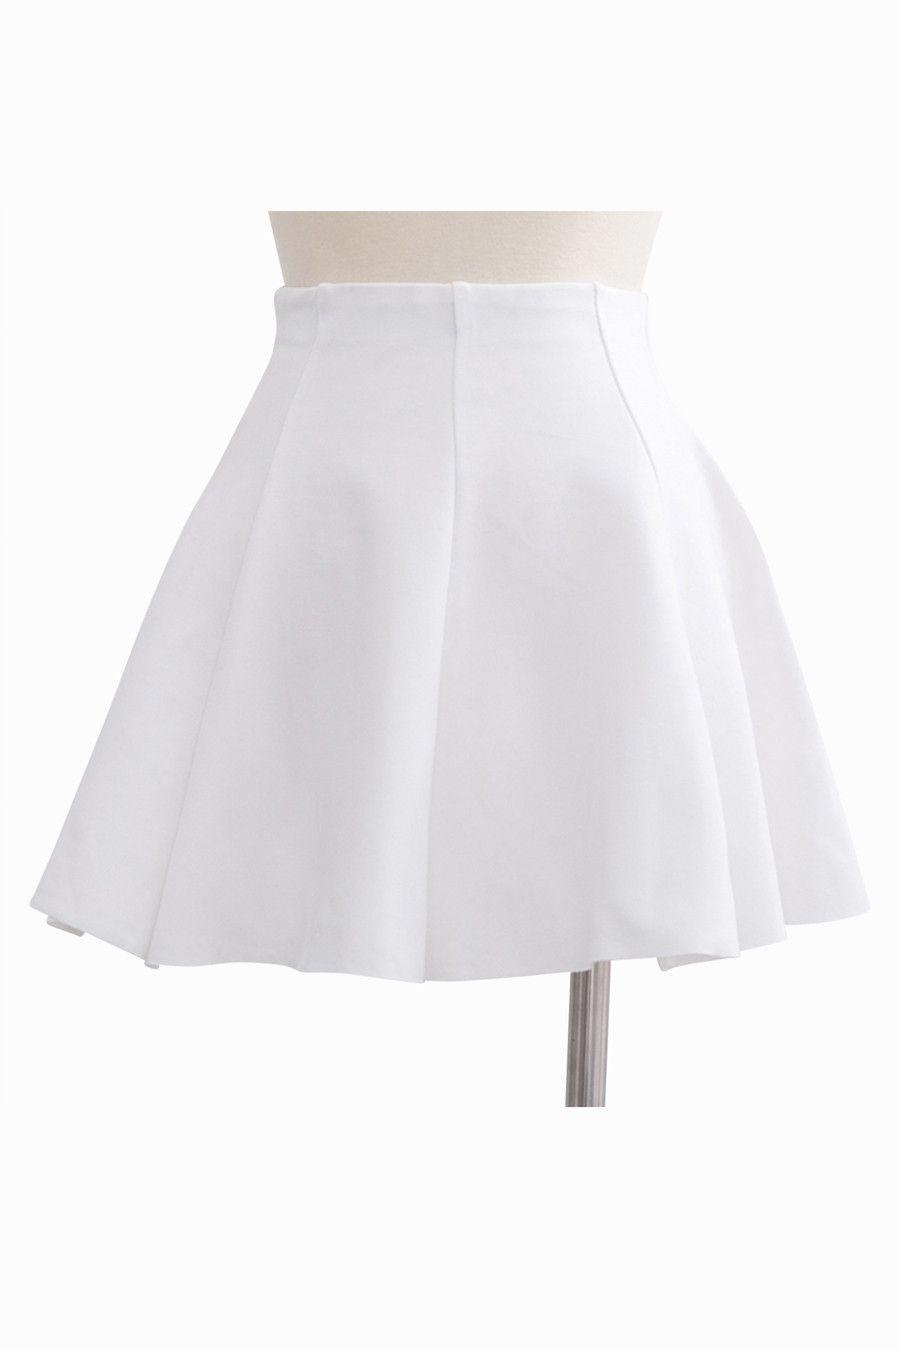 Nice Short Skirt In White | Short white skirt, Short skirts and ...